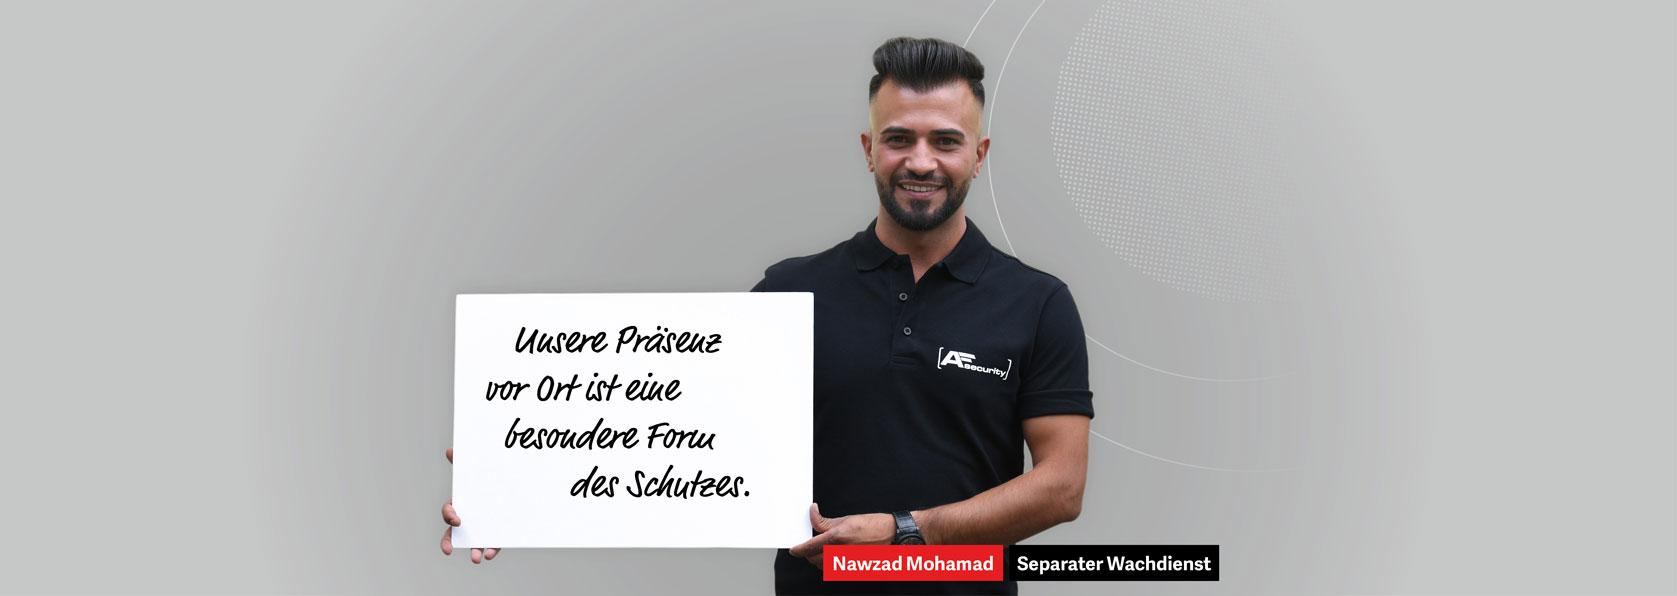 slider_nawzad_mohamad